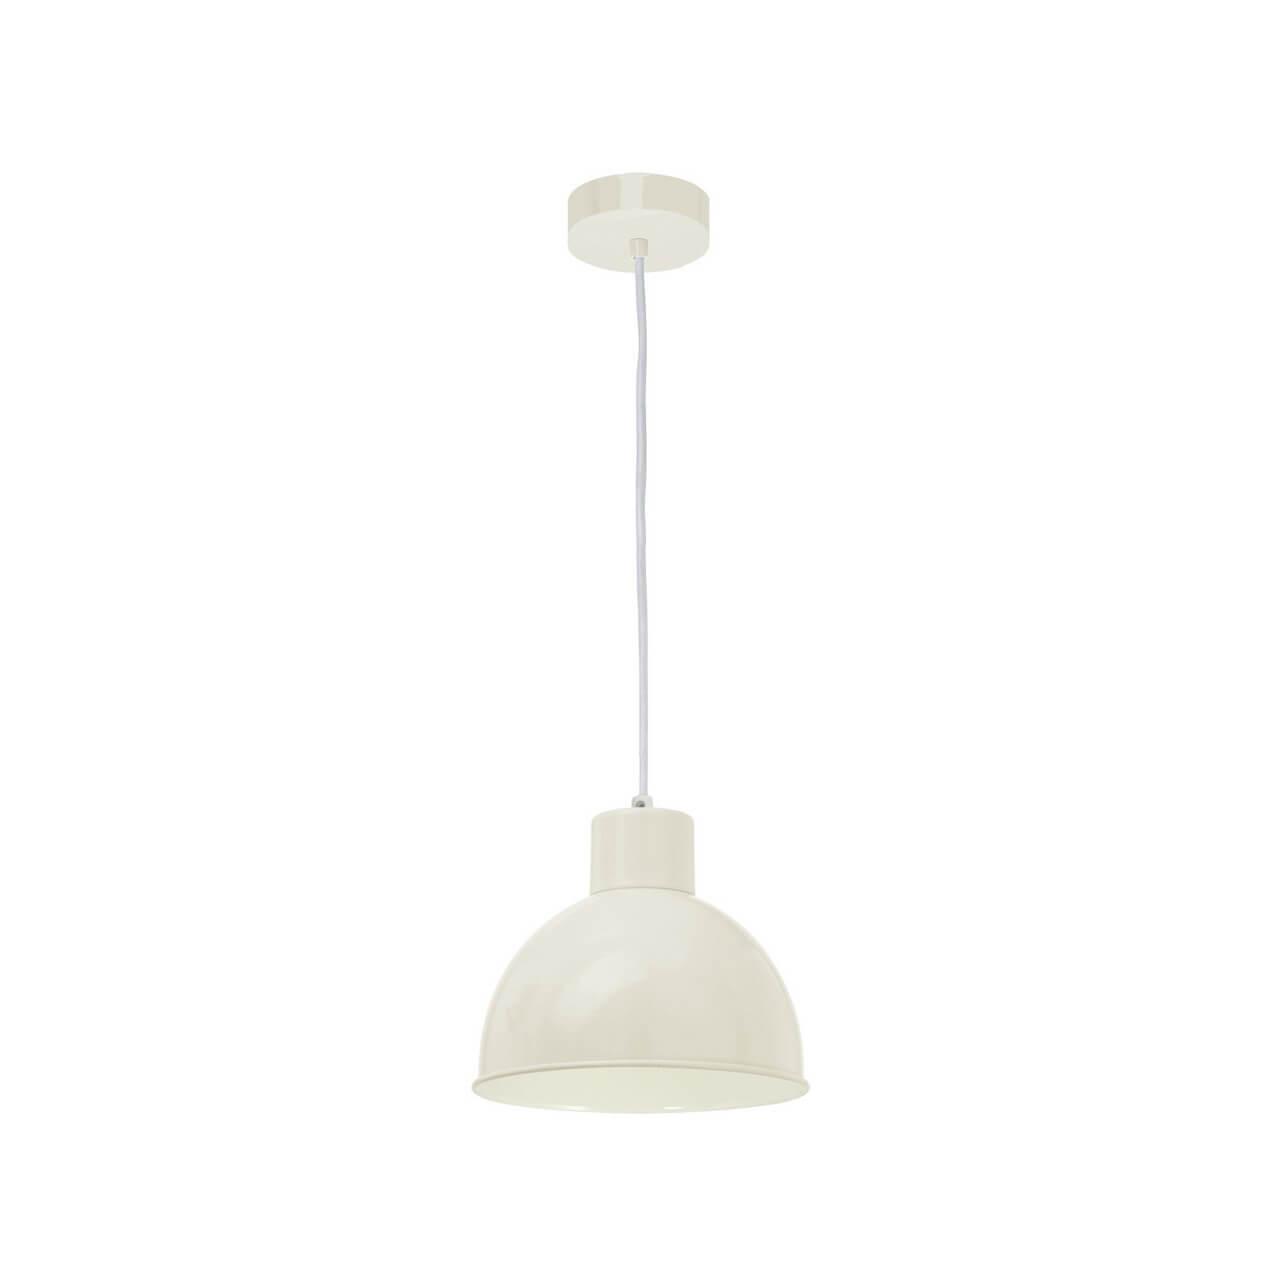 Подвесной светильник Eglo 49242, E27, 60 Вт